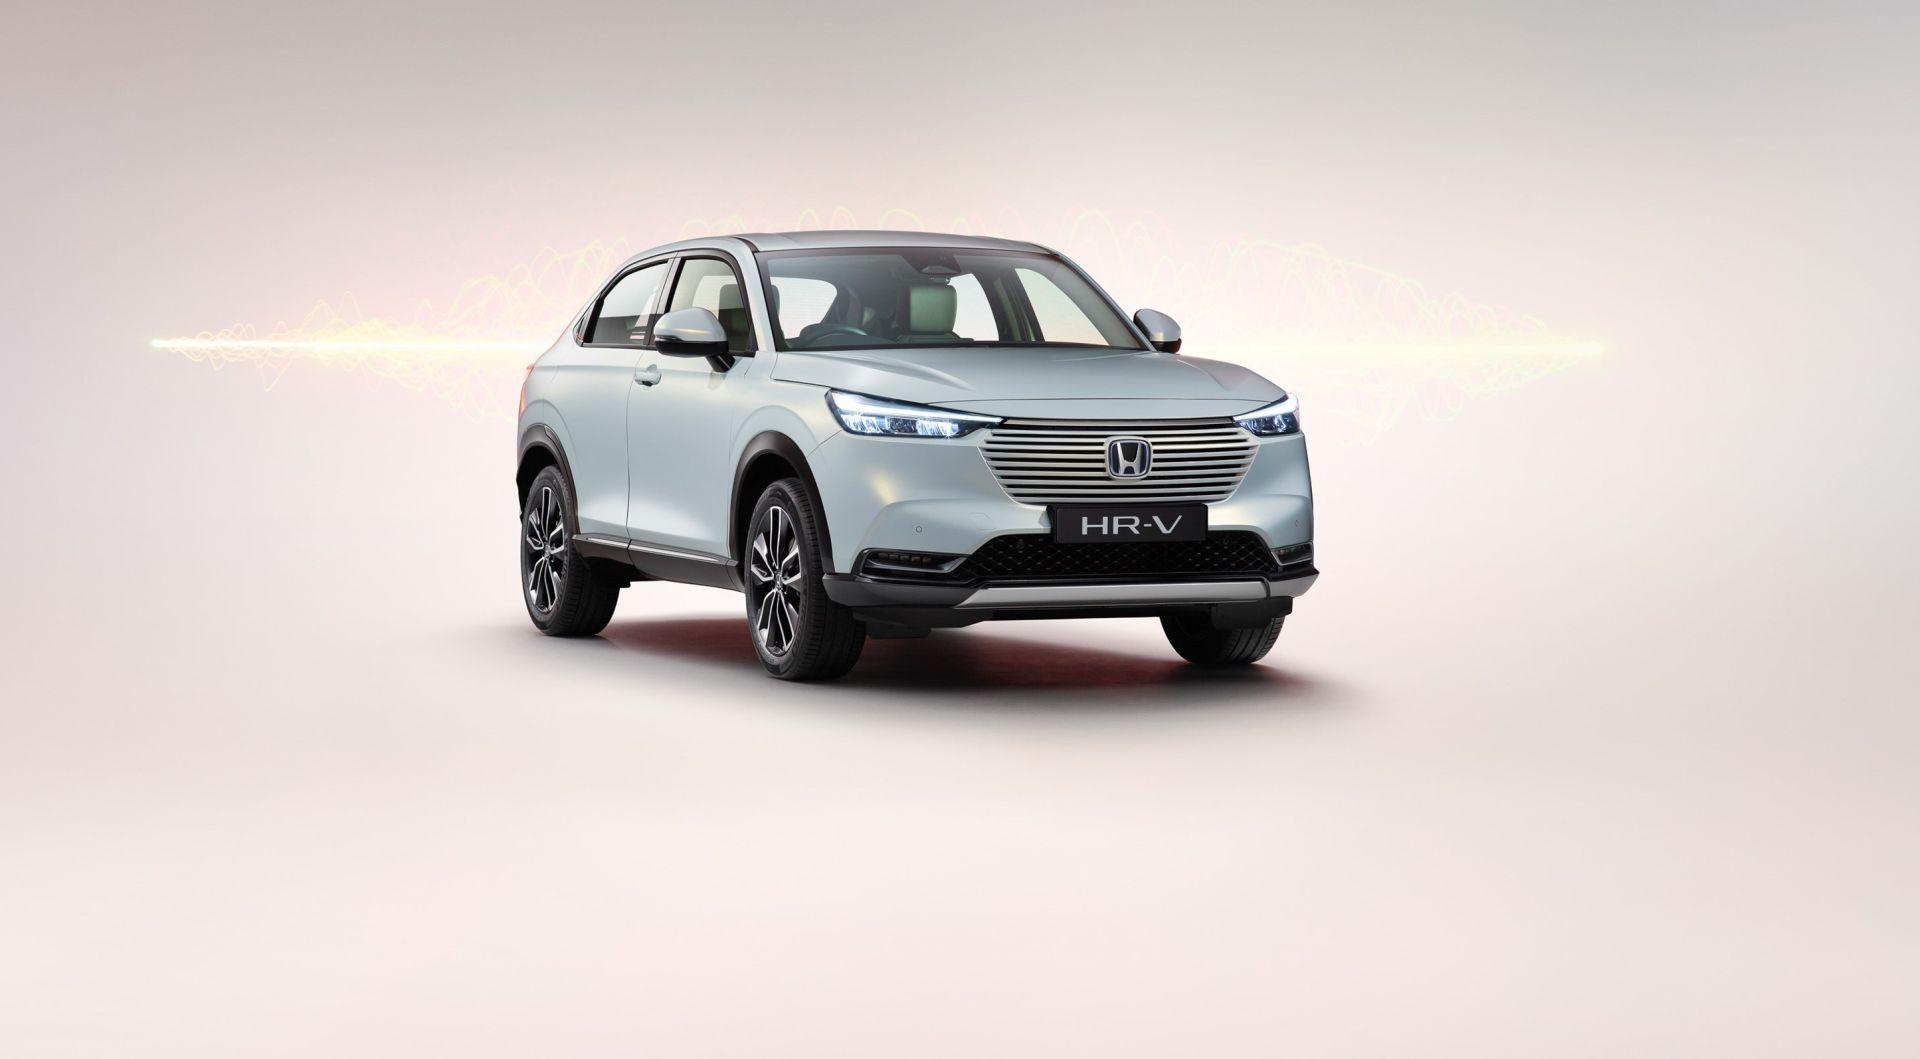 Honda otkrila sve detalje o novoj generaciji kompaktnog SUV modela HR-V